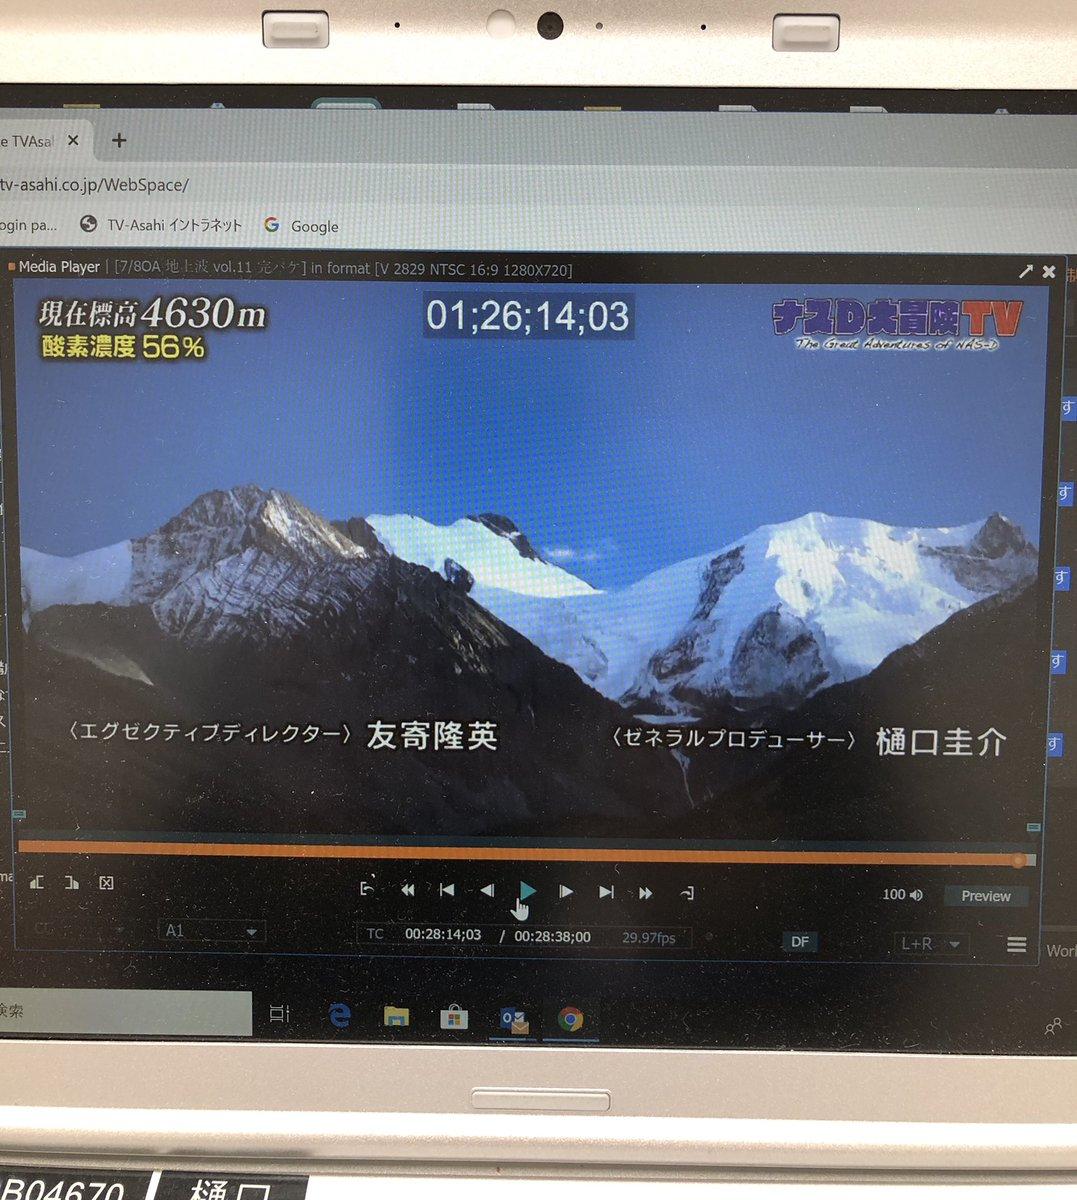 test ツイッターメディア - テレ朝「太田伯山」の収録がおわりまして、今日という一日がおしまい。#チョコプラ さんと #渡辺直美 さん登場。面白いでした!  ちなみに今夜0時50分からも「太田伯山」放送あります。ゲストはアンガールズさん。あと私はこの7月からナスDの番組も担当することになりましたよ #ナスD https://t.co/lLJEvHKa3c